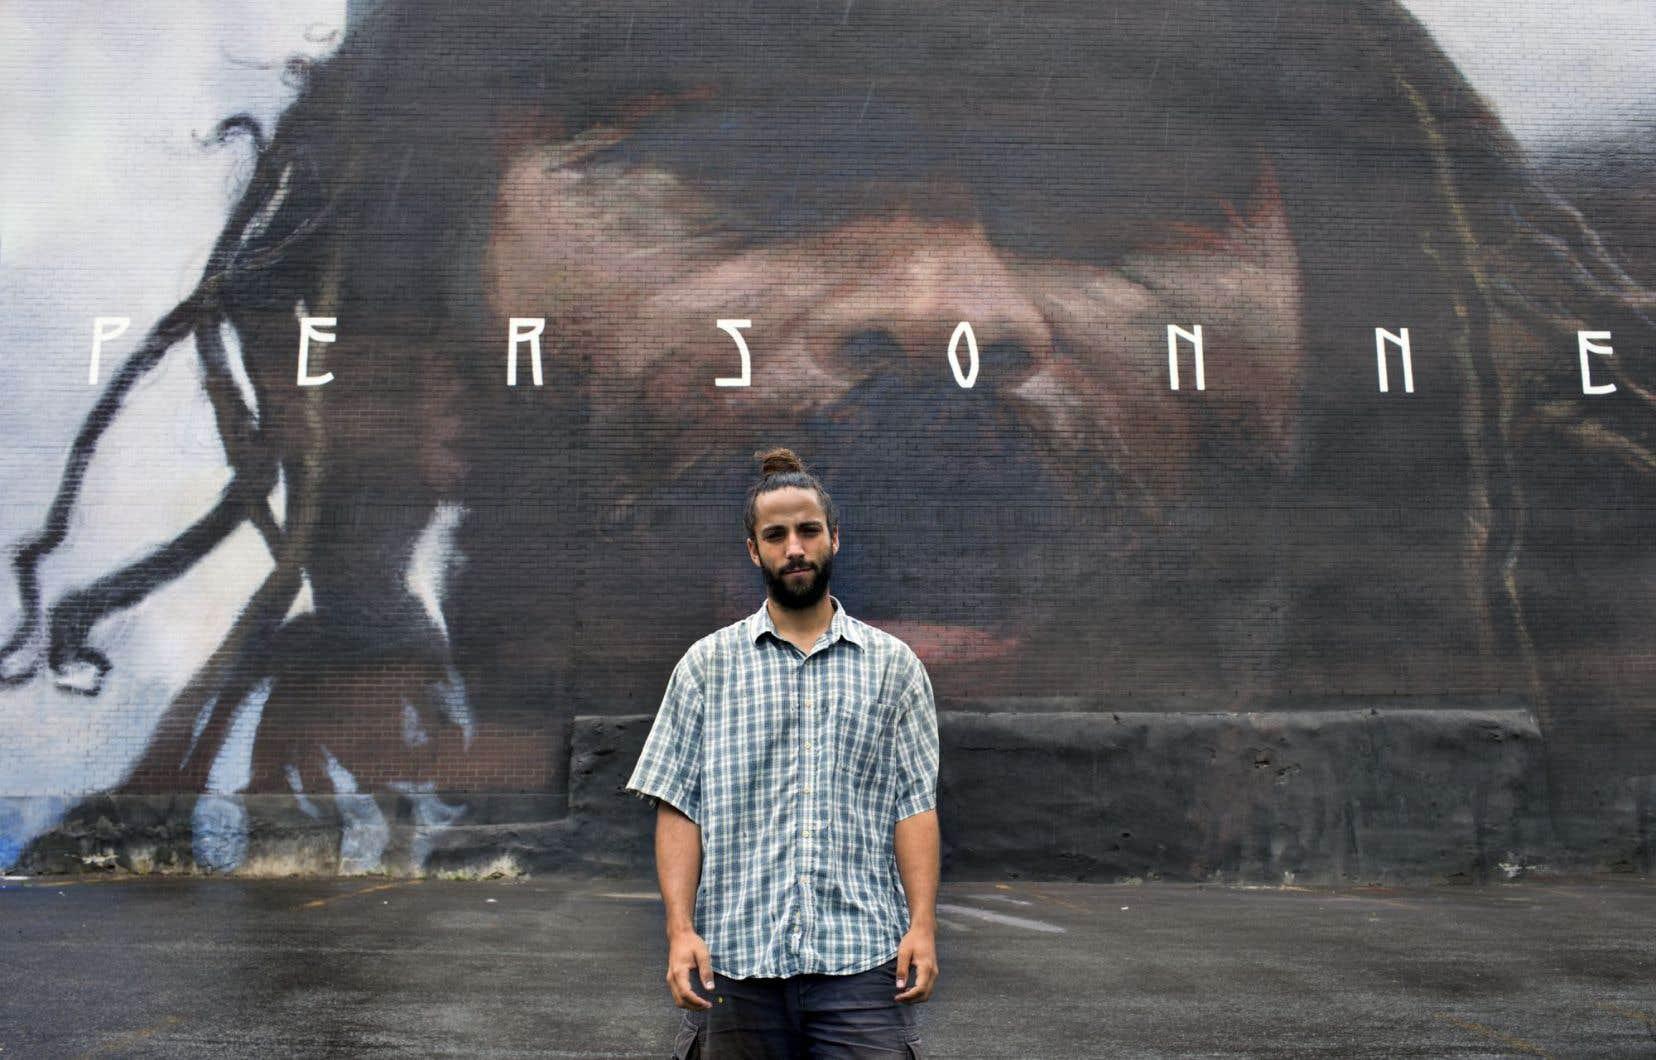 Axel Void a roulé ses pinceaux partout dans le monde, de Chennai, en Inde, à Berlin, en Allemagne. Il pose ici devant sa plus récente murale, peinte à Montréal.